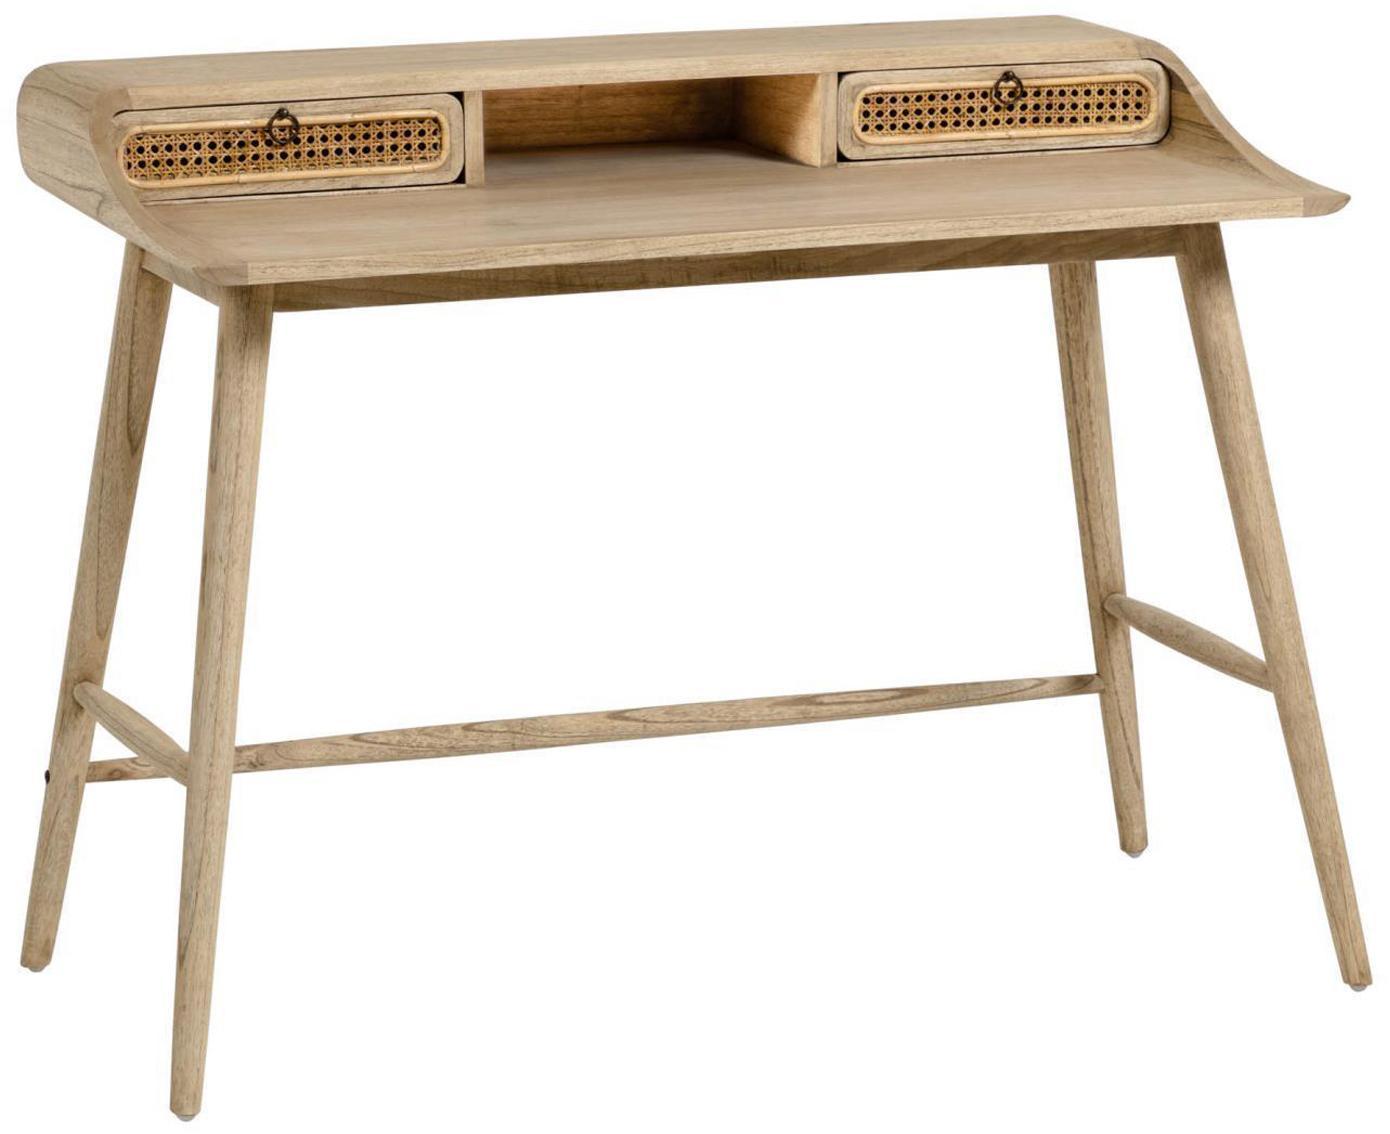 Scrivania in legno con cassetti Nalu, Maniglie: metallo verniciato, Legno lunare, Larg. 110x Prof. 60 cm